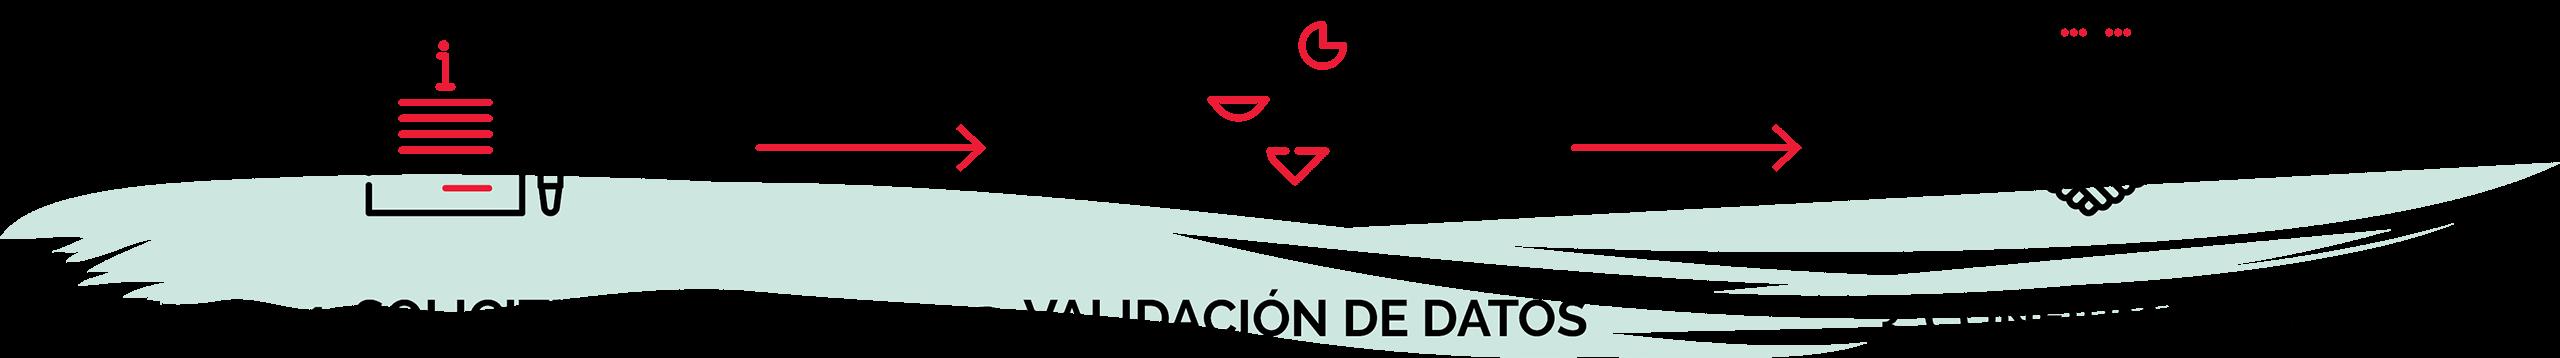 código LEI México